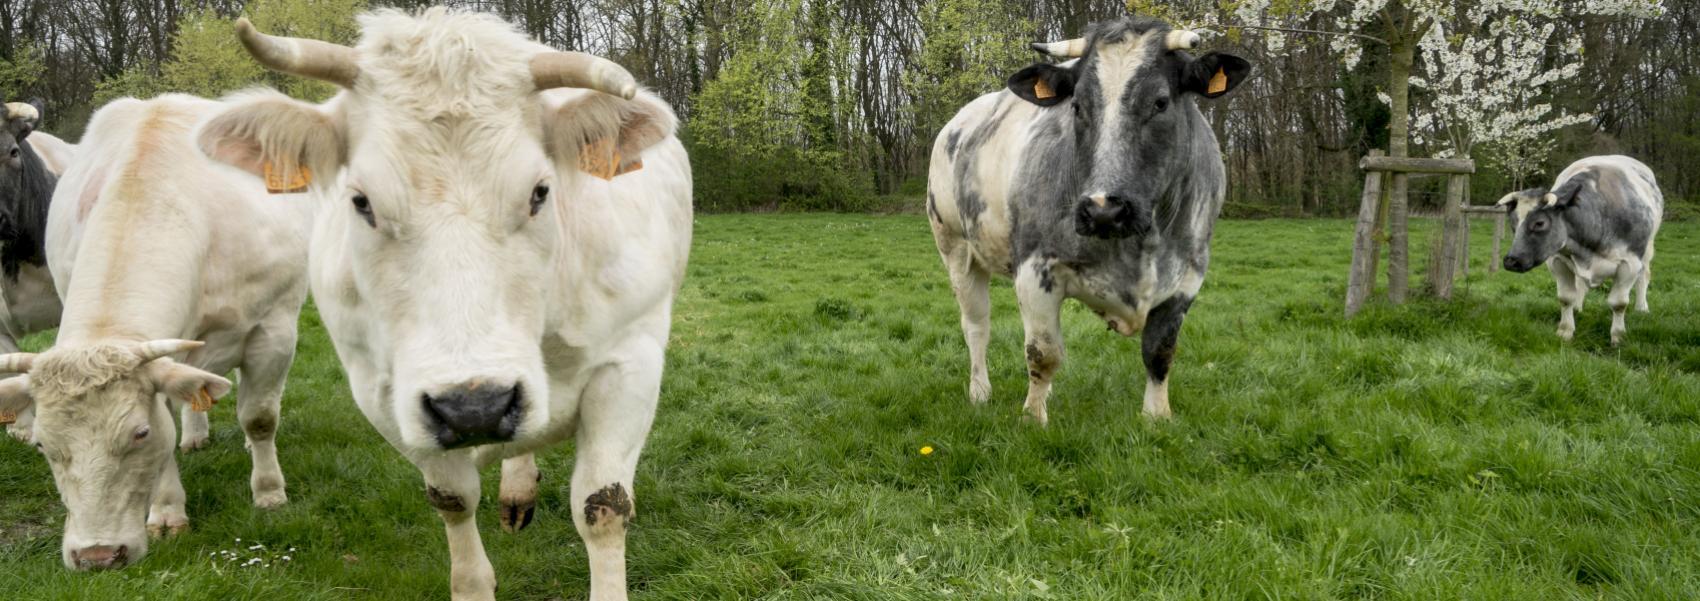 koeien in het landschap